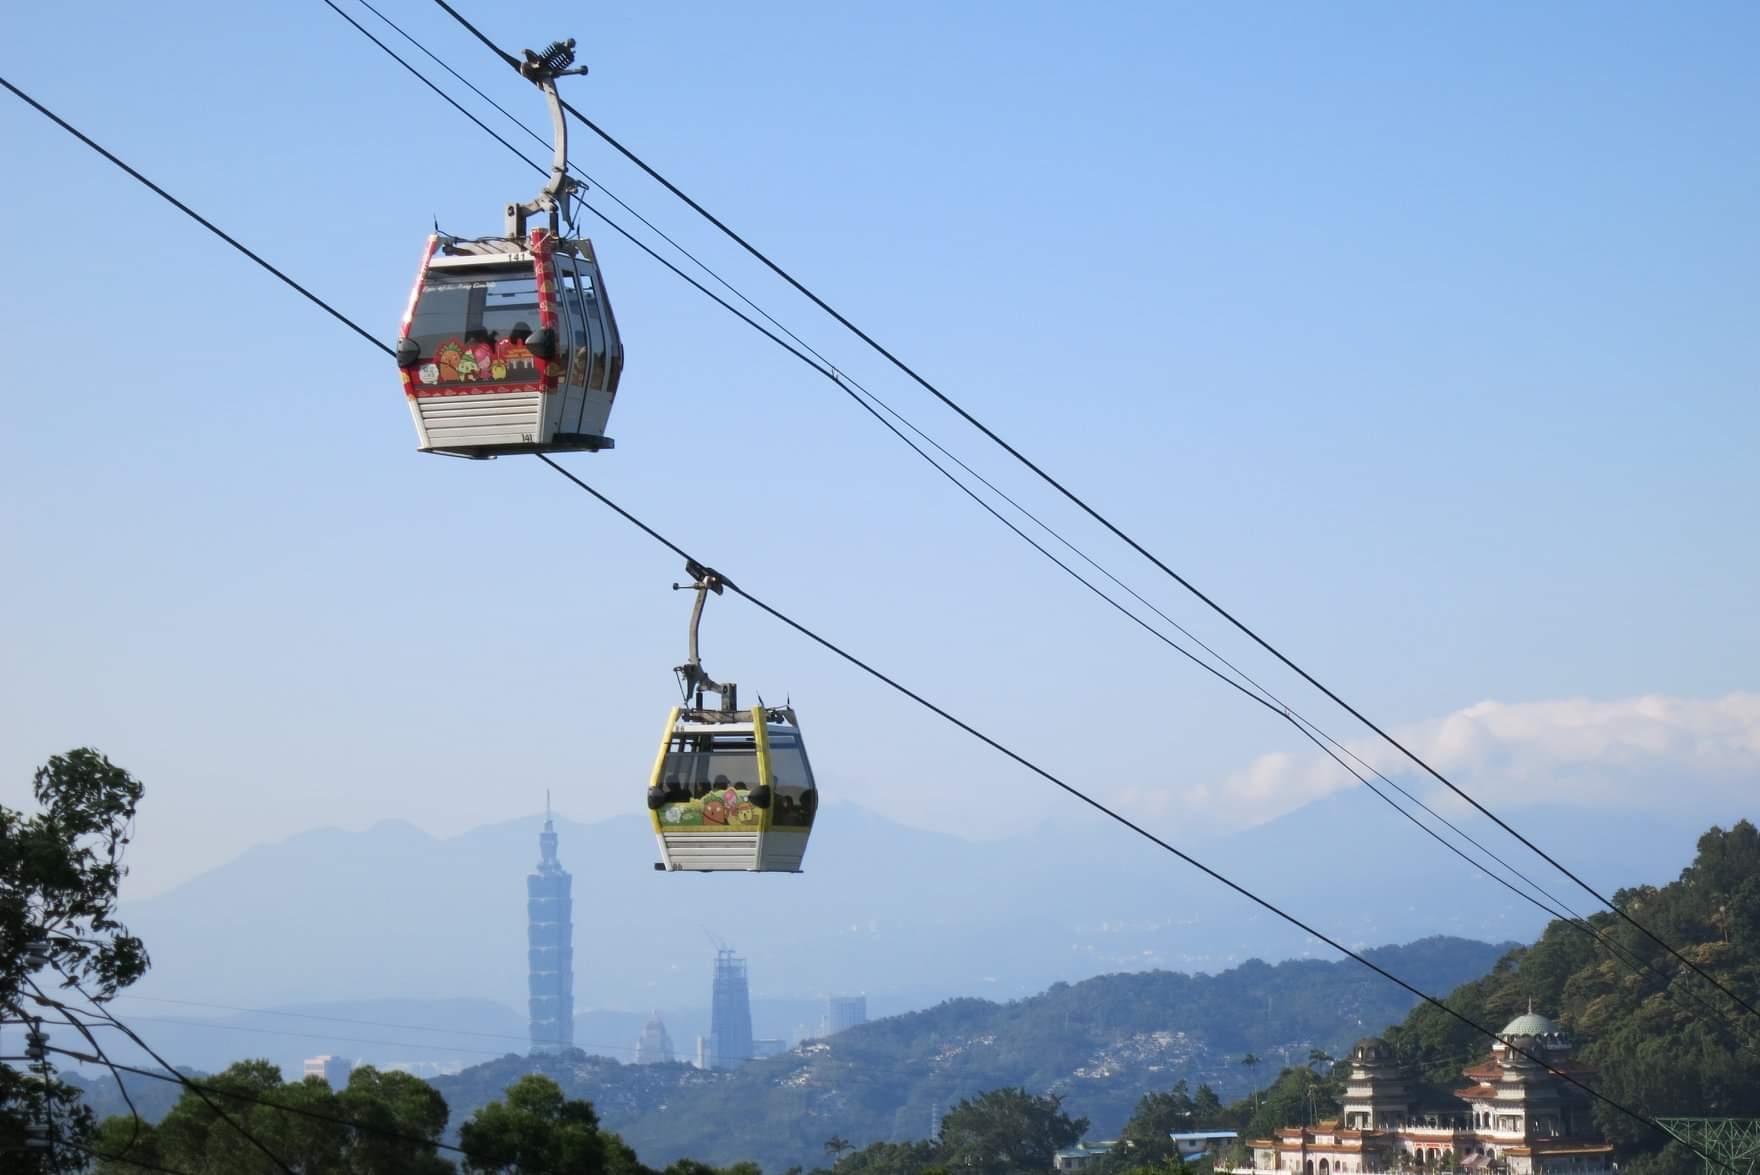 大台北地區大眾運輸發達,自然景點或是引發熱烈討論的新去處,都可以輕鬆到達。圖/台北捷運臉書粉絲專頁